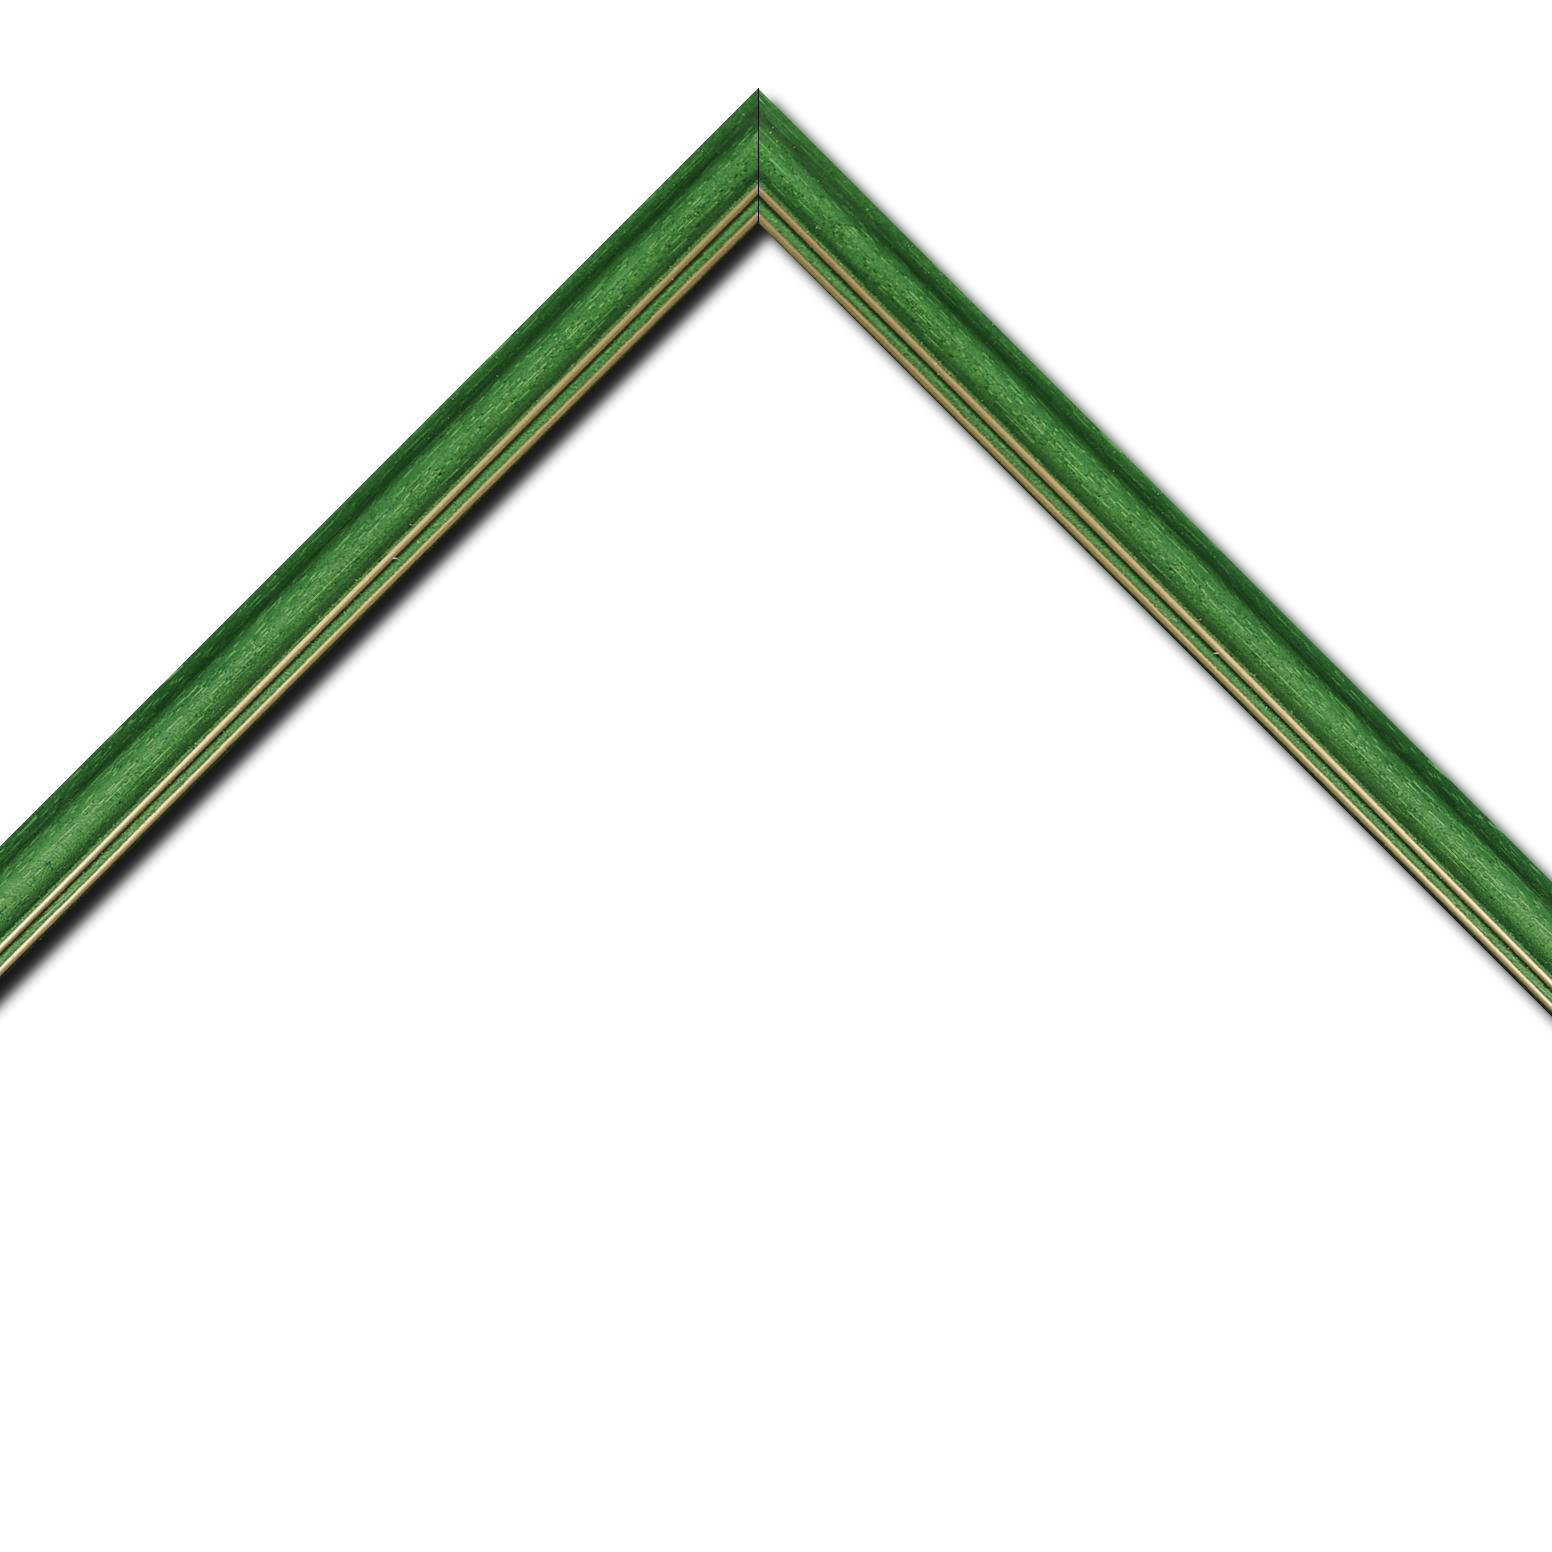 Baguette bois profil doucine inversée largeur 2.3cm vert satiné double filet or